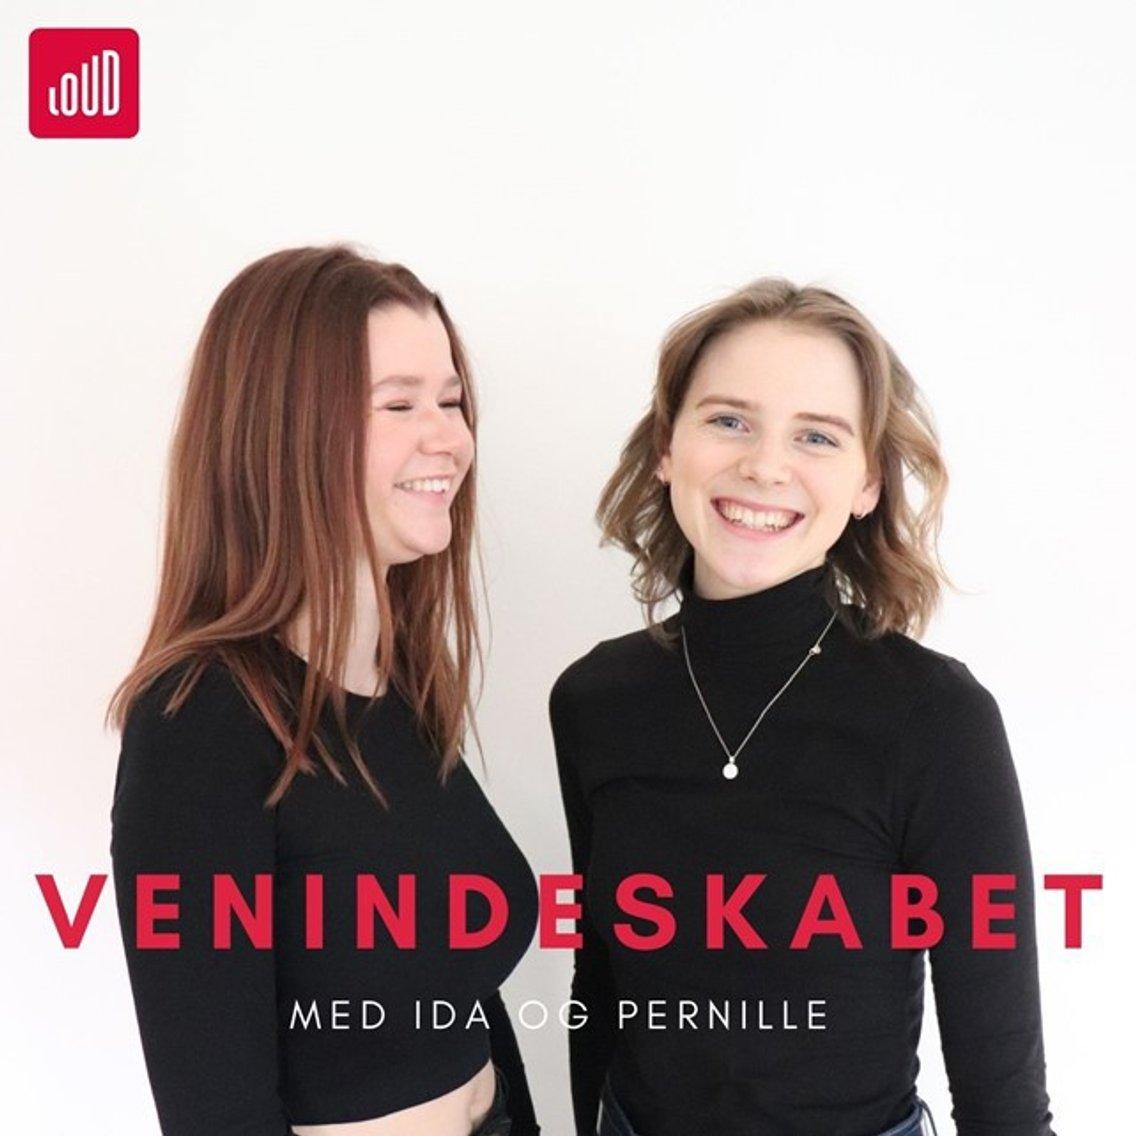 Venindeskabet - immagine di copertina